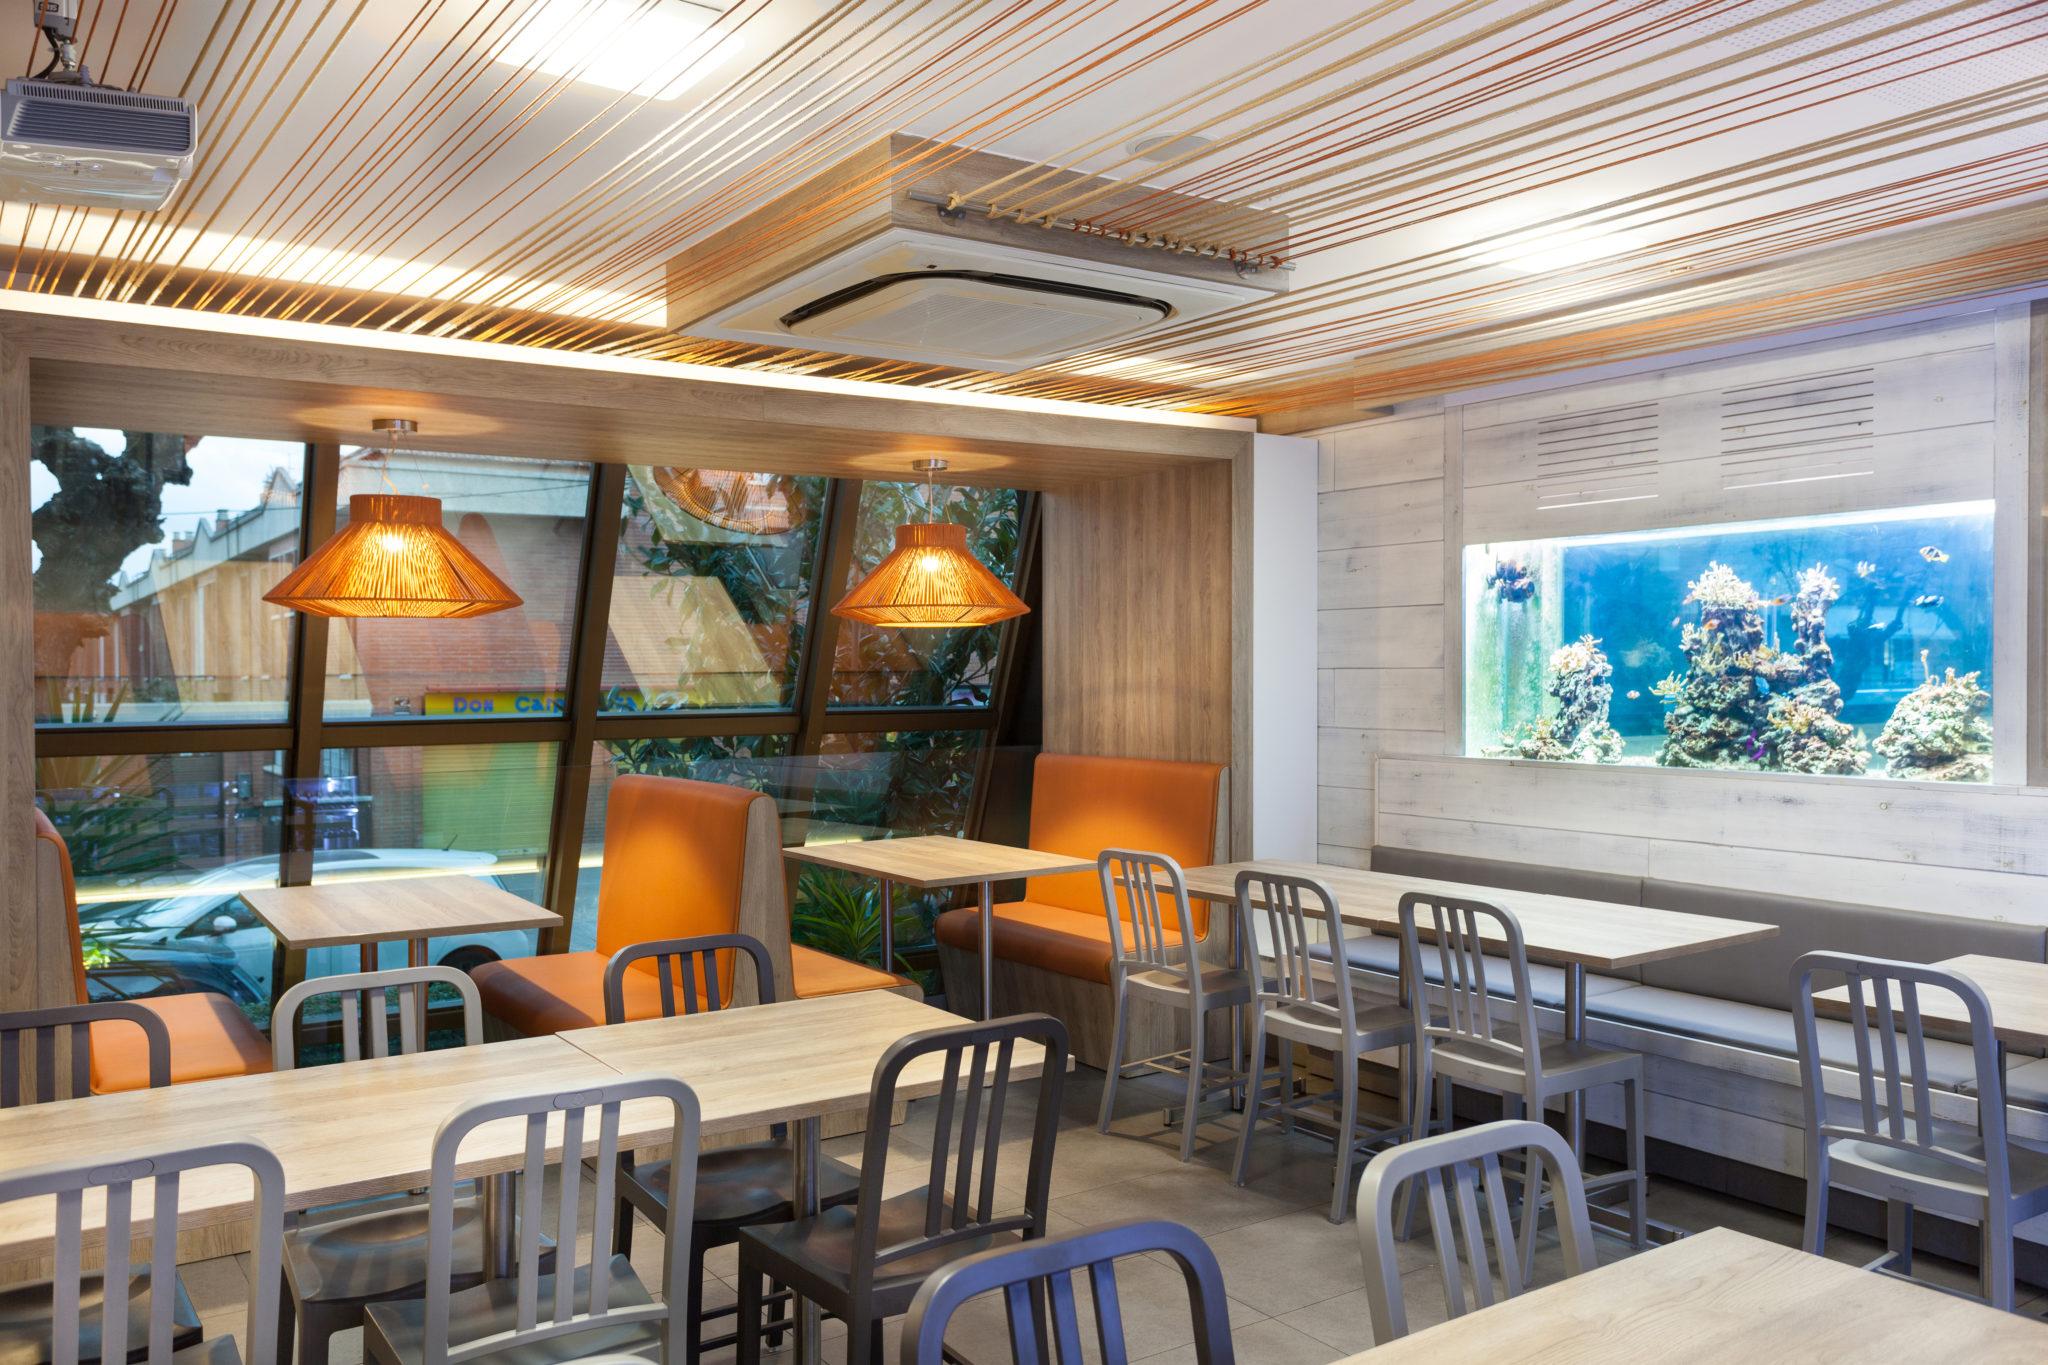 Restaurante Pizzeria Atlantida Vilassar de Mar - Interior diseñado por Rosa Colet. Lámparas KOORD de El Torrent.